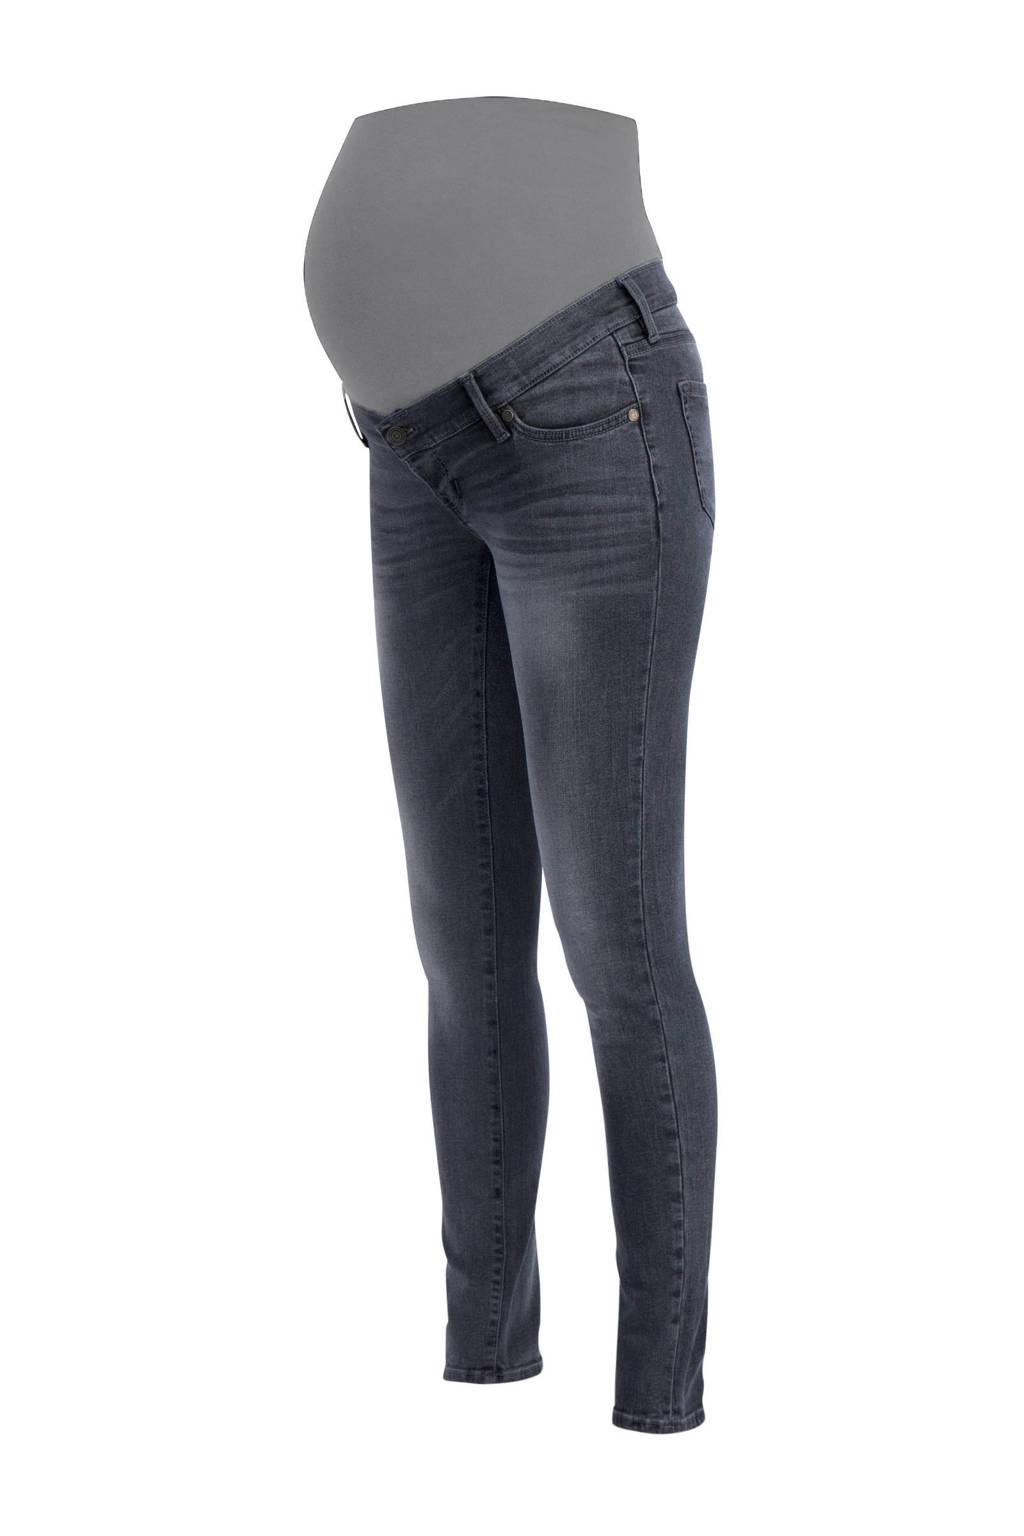 8823ee140f1300 Noppies zwangerschaps skinny jeans Avi Everyday Grey   wehkamp